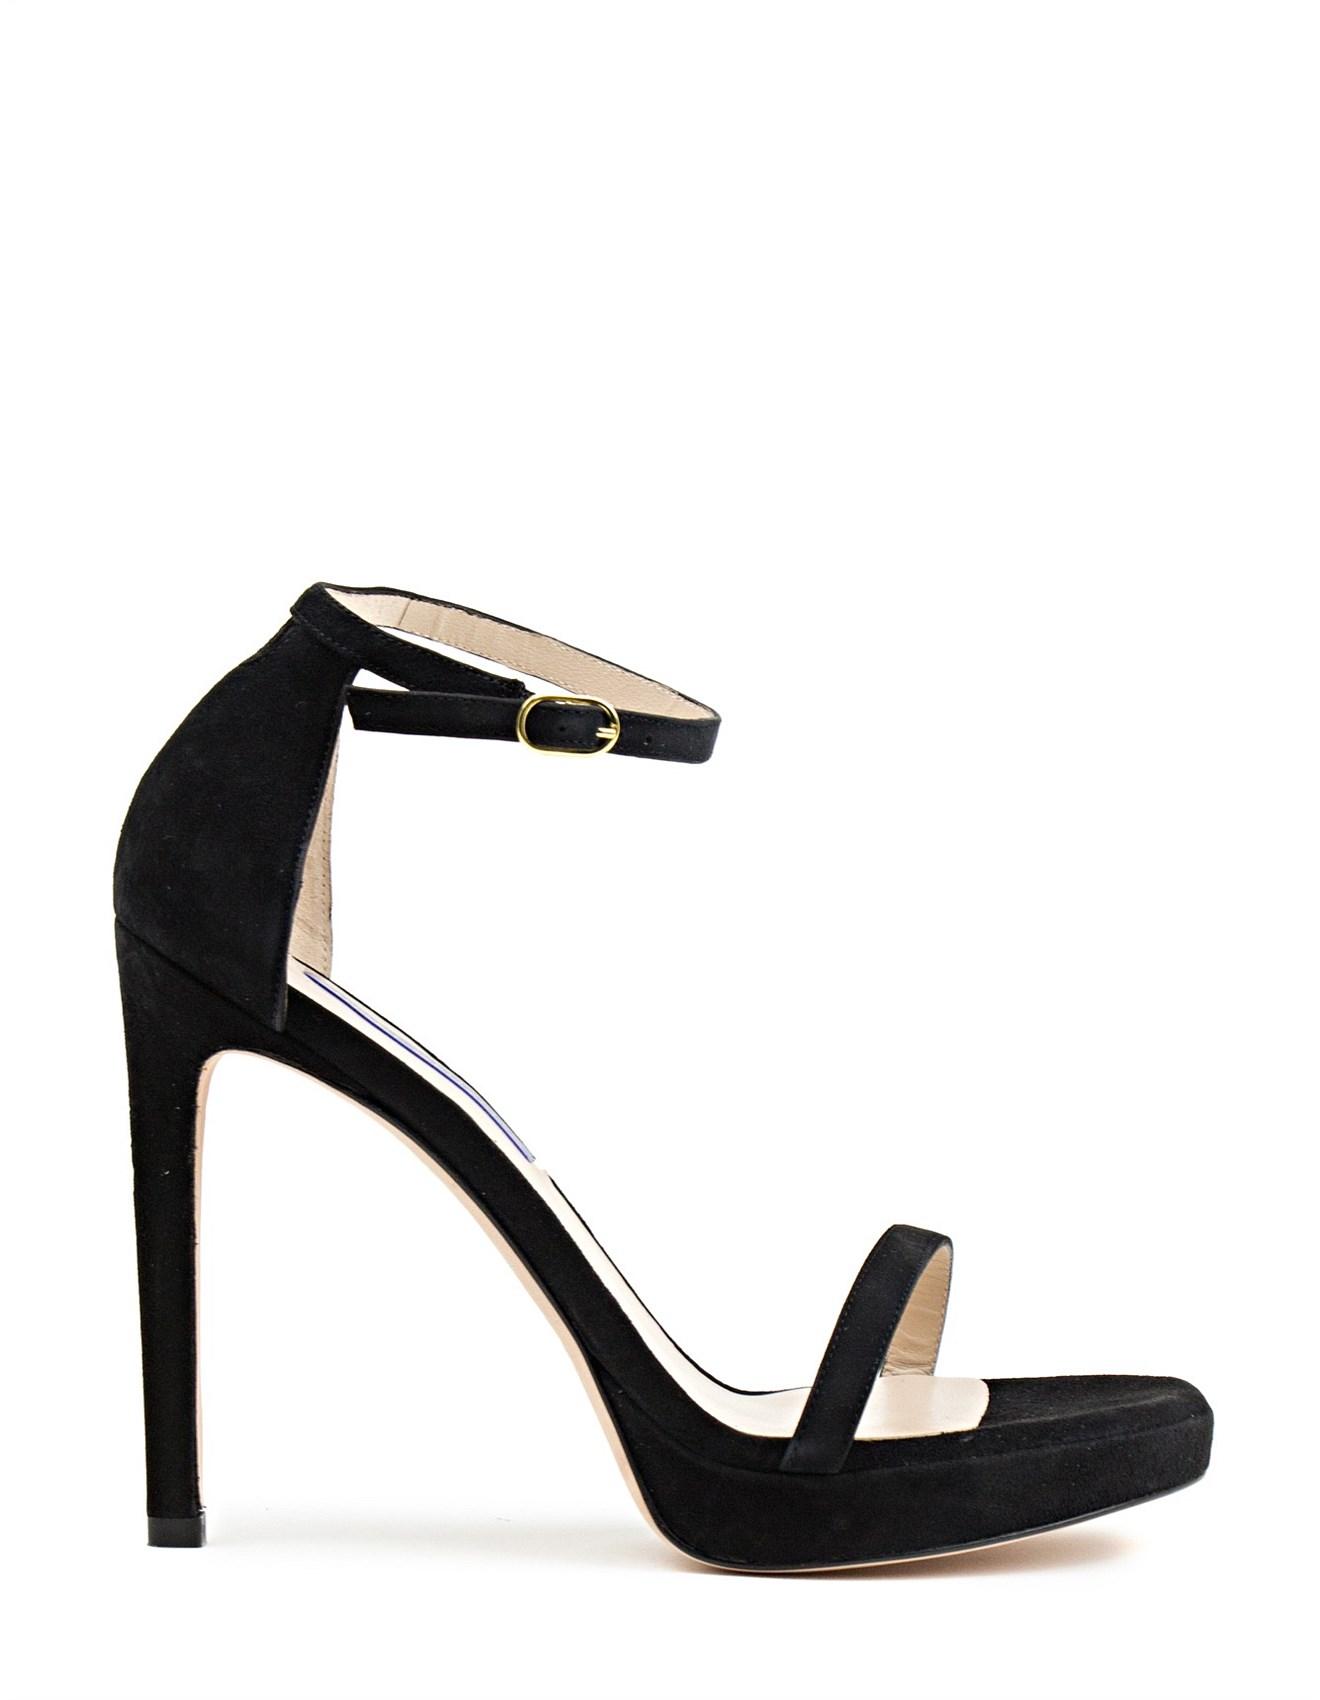 e224d2378c7 Women s Heeled Sandals